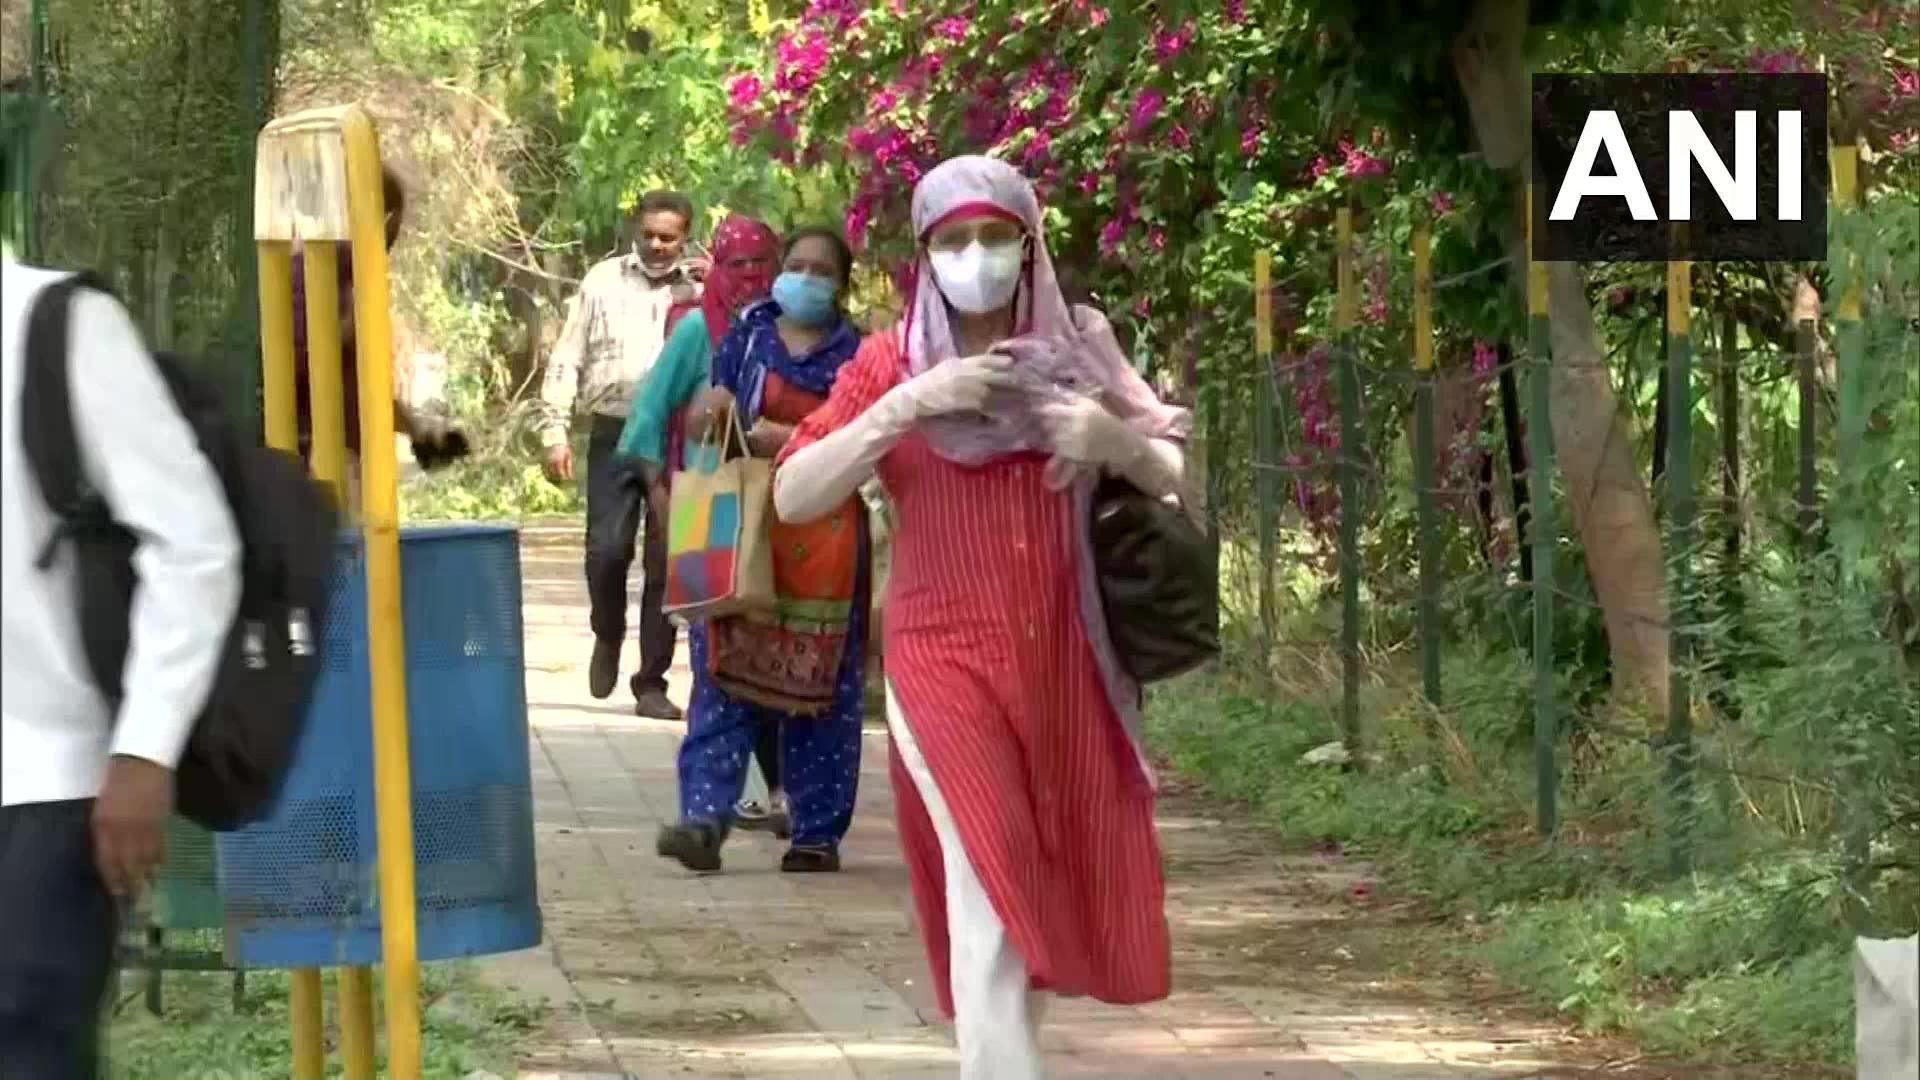 ലോക്ക്ഡൗണ് ഇളവ് പ്രഖ്യാപിച്ച് ഗുജറാത്ത്; സര്ക്കാര് ഓഫീസുകള് 'ഹൗസ്ഫുള്'- ചിത്രങ്ങള്